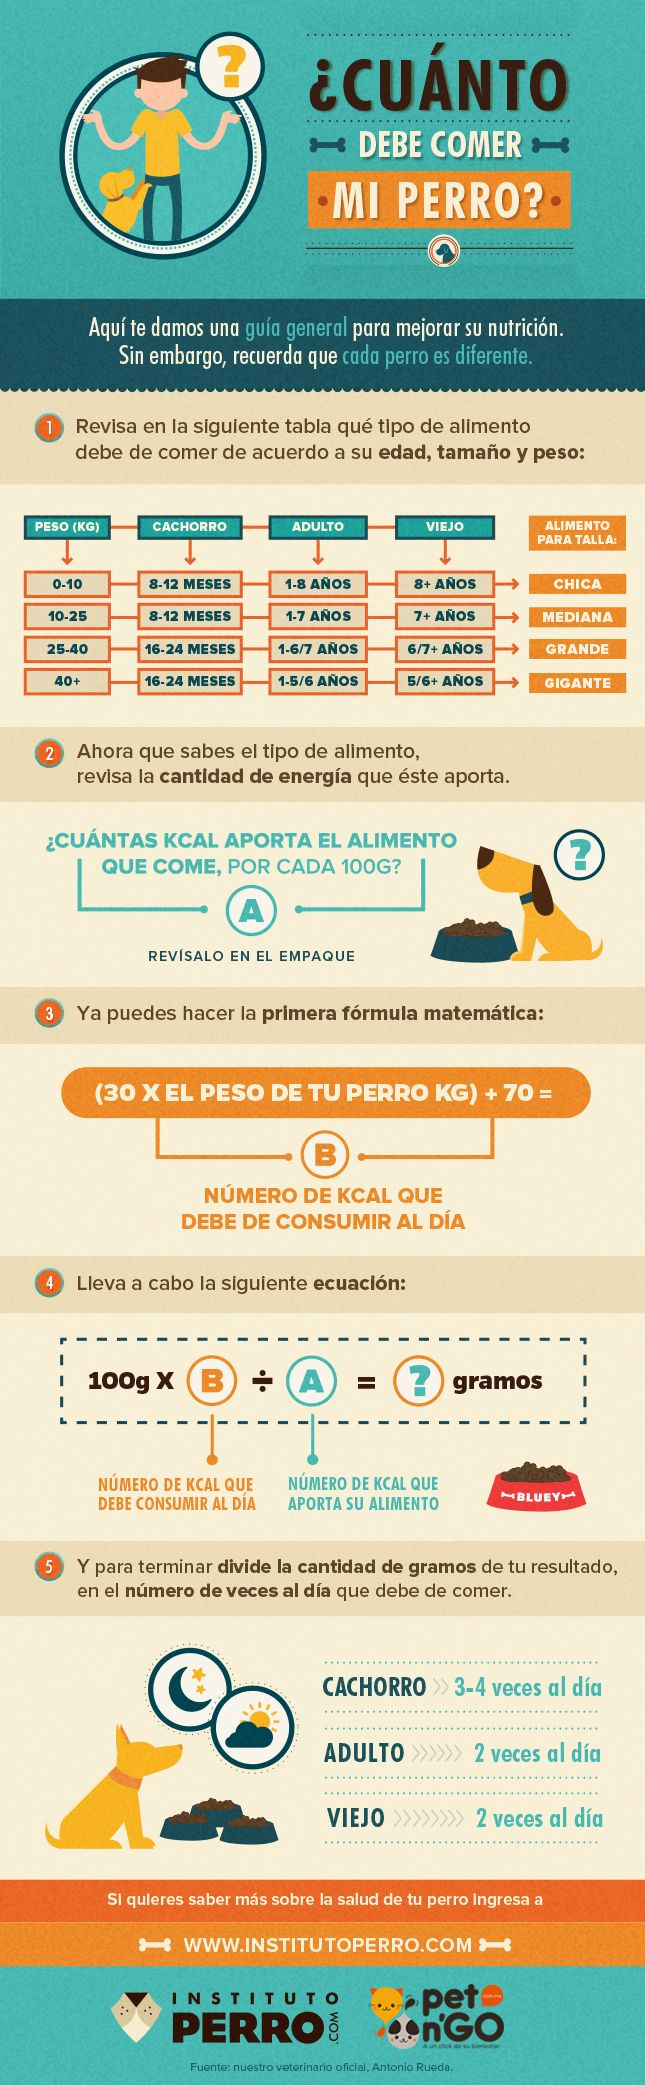 ¿Cuánto debe comer mi perro?Roman Sigaev/ ShutterstockNotas recomendadas:11 Cosas que nunca le debe decir a los dueños de perrosShampoo para perros hecho en ...